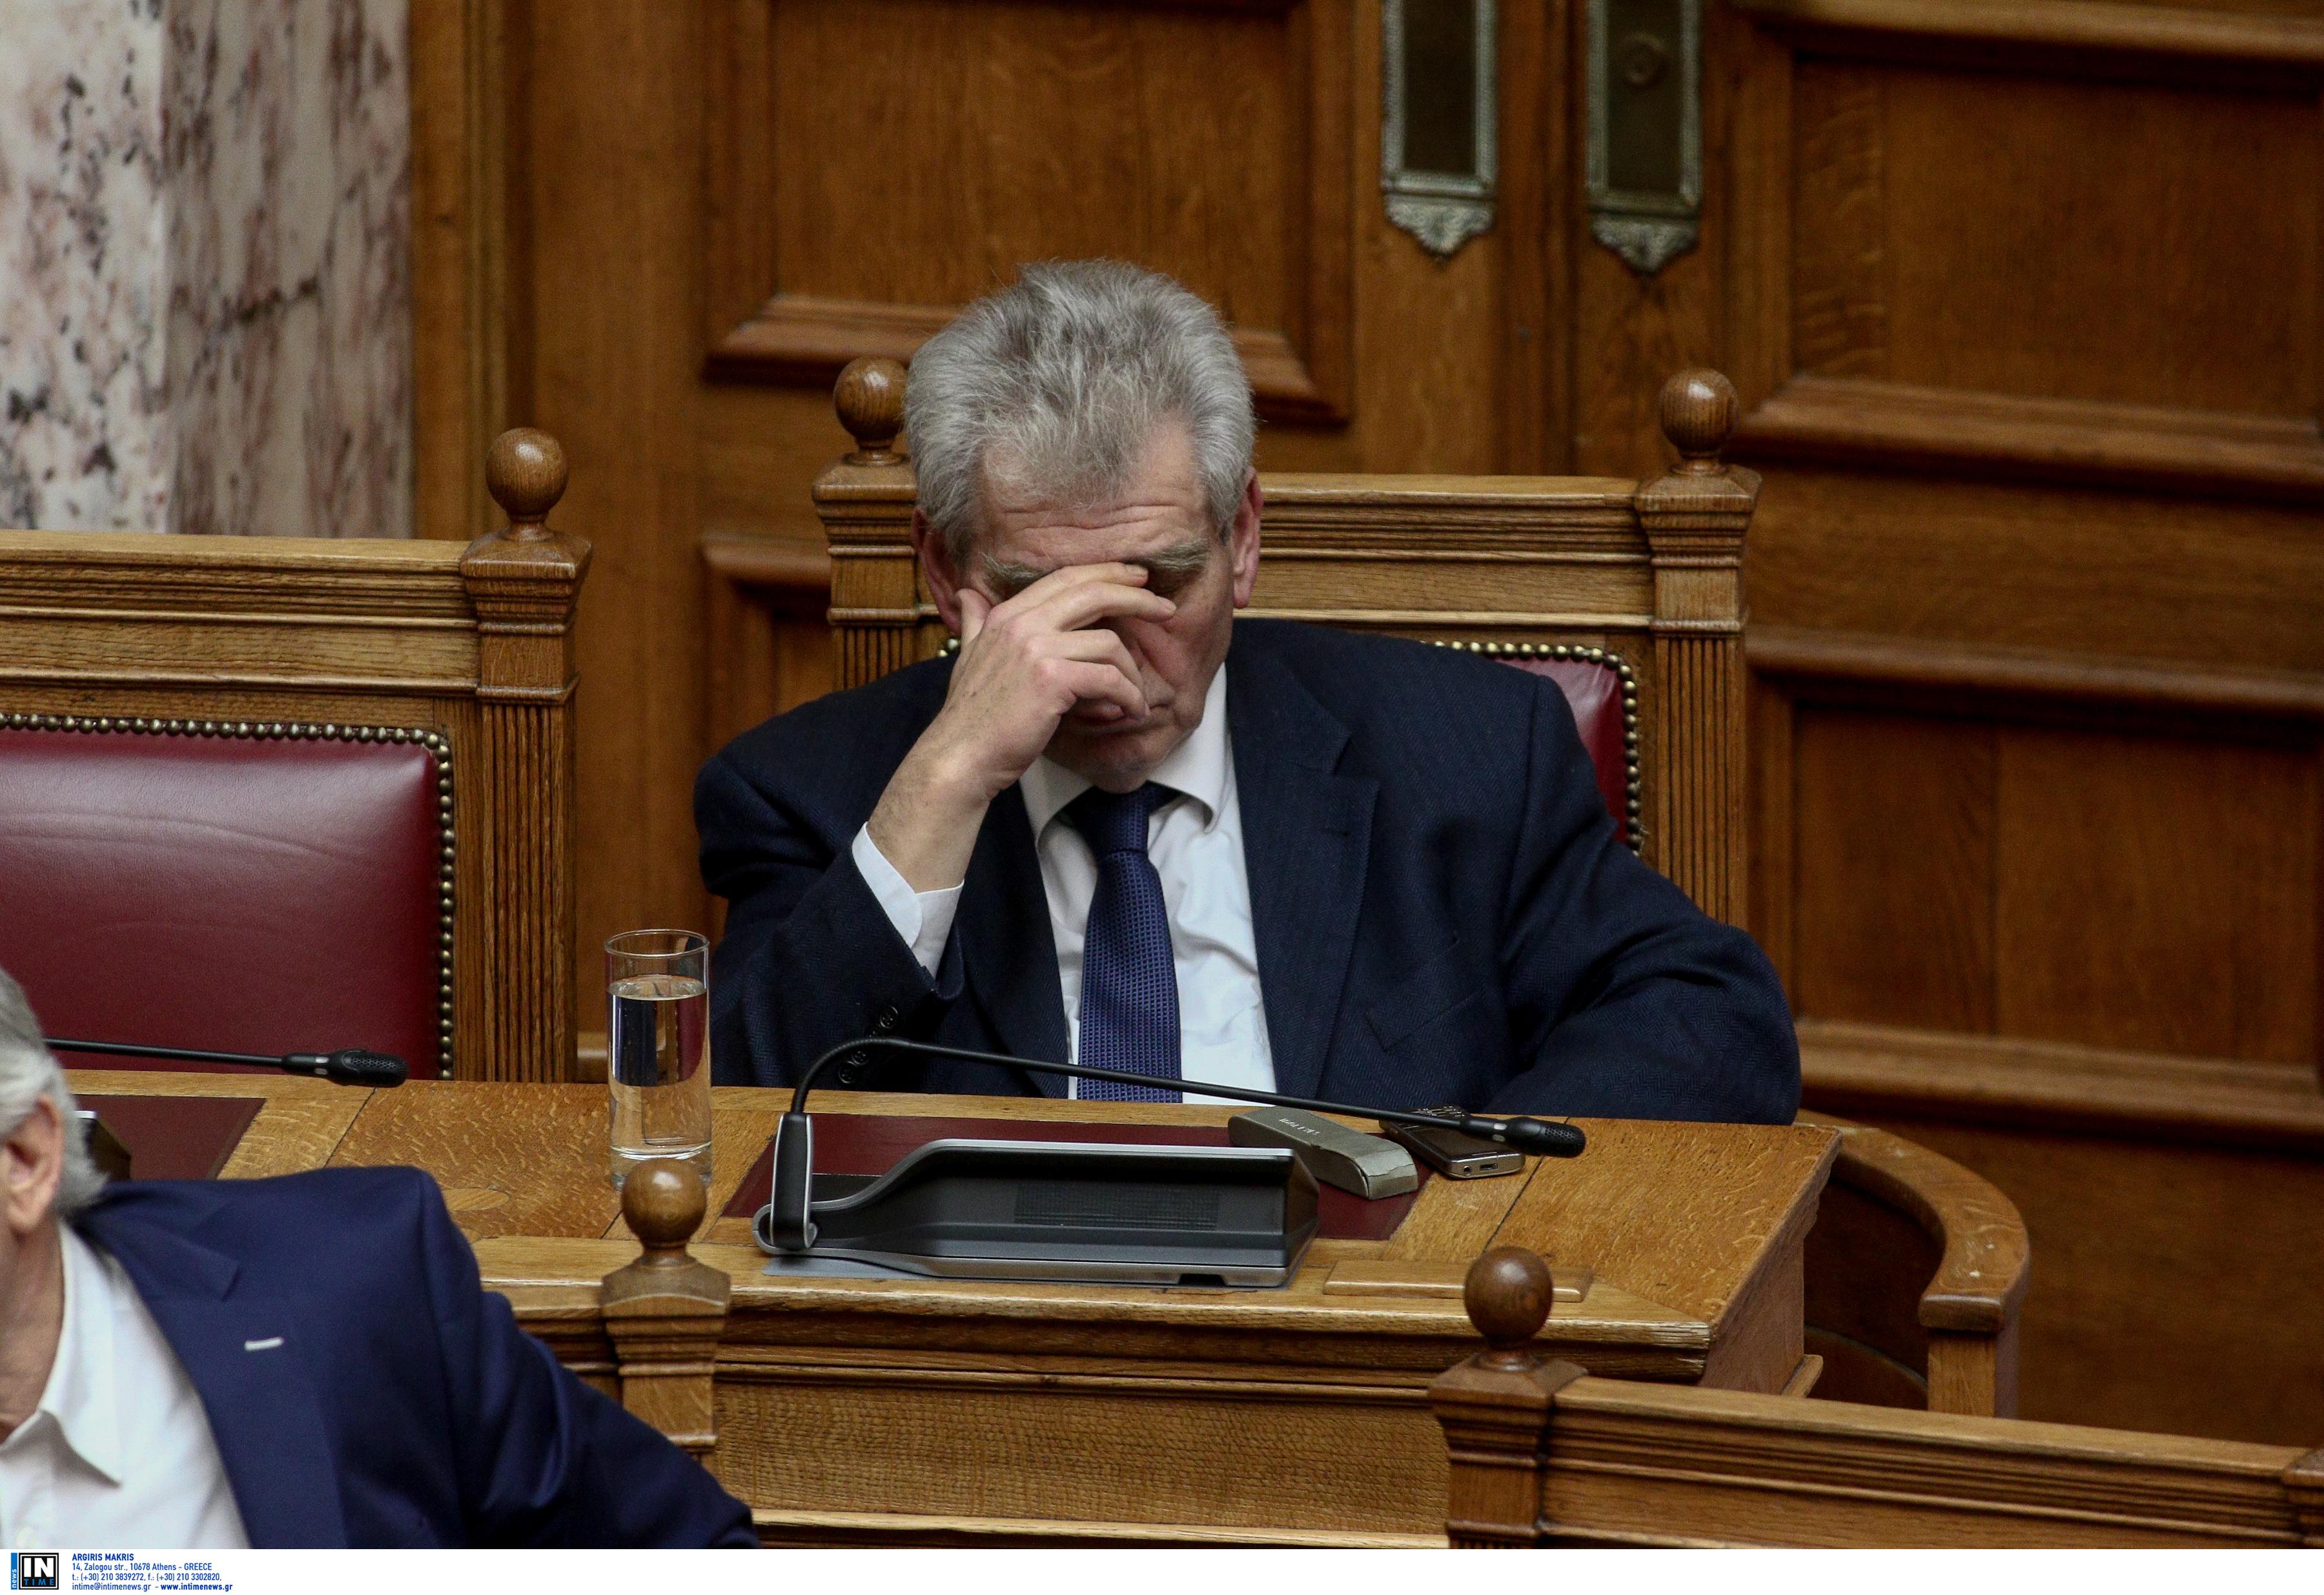 κατηγορητήριο - Παπαγγελόπουλος